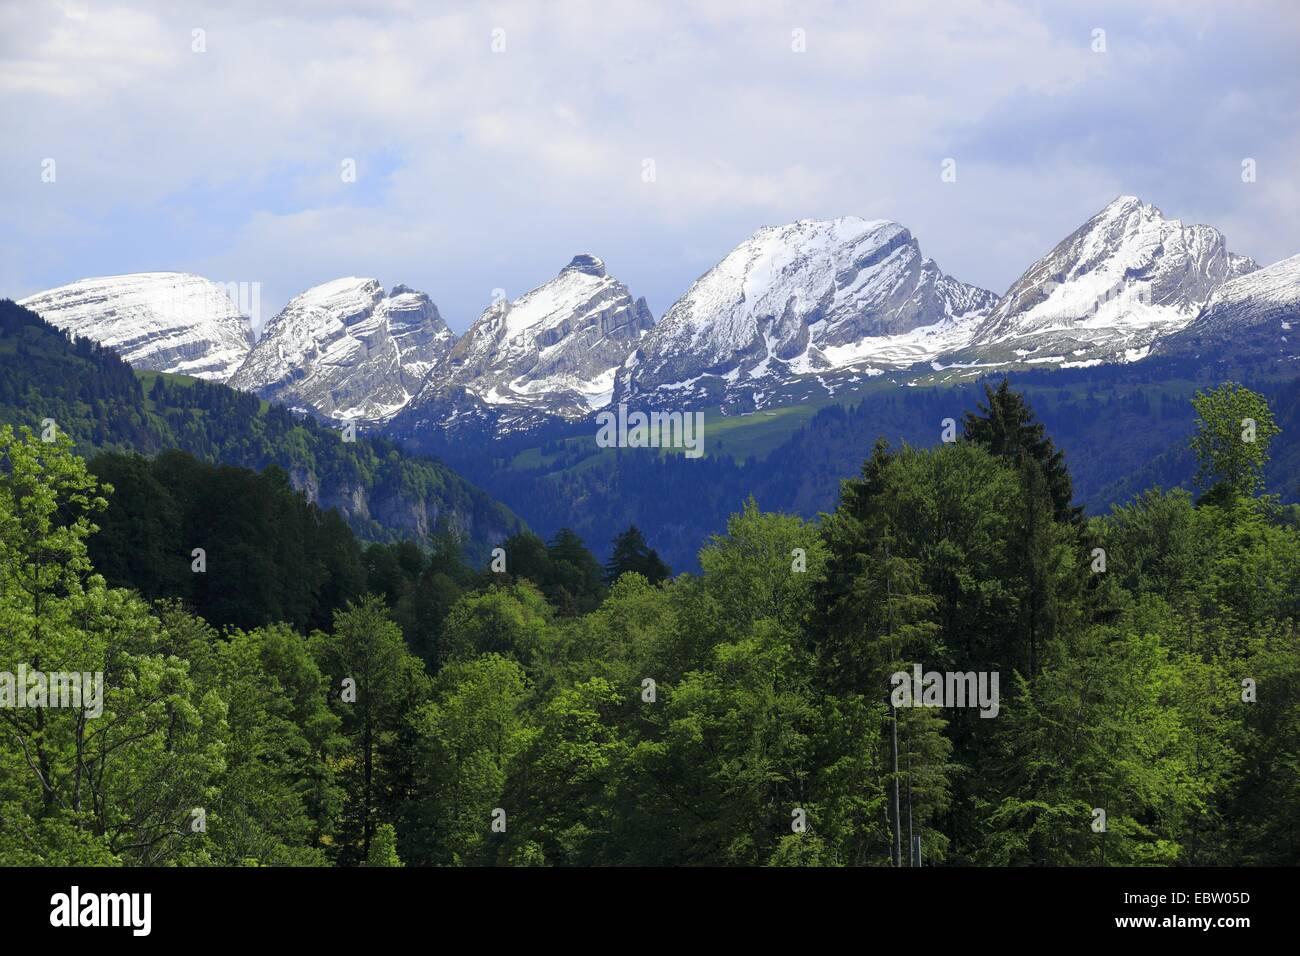 die Bergkette Churfirsten in der Appenzeller Alpen, Schweiz, St. Gallen, Toggenburg Stockbild